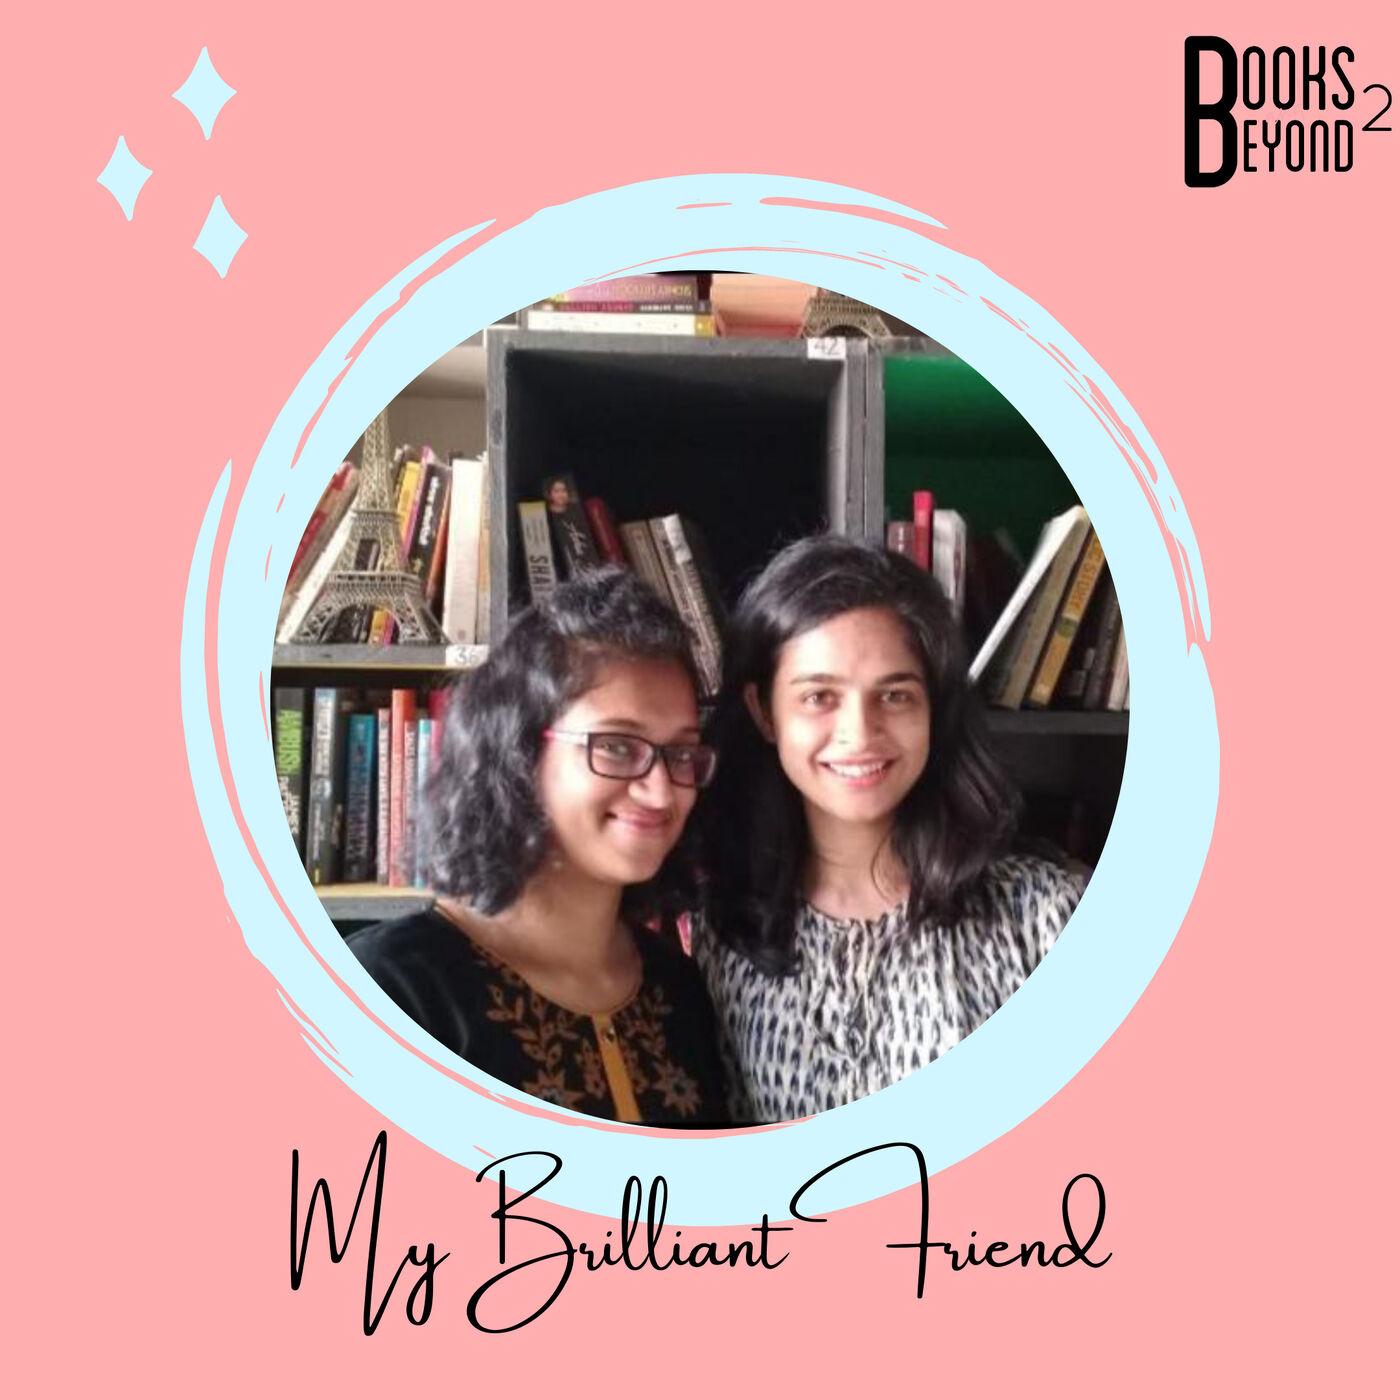 2.1: Tara and Michelle - My Brilliant Friend